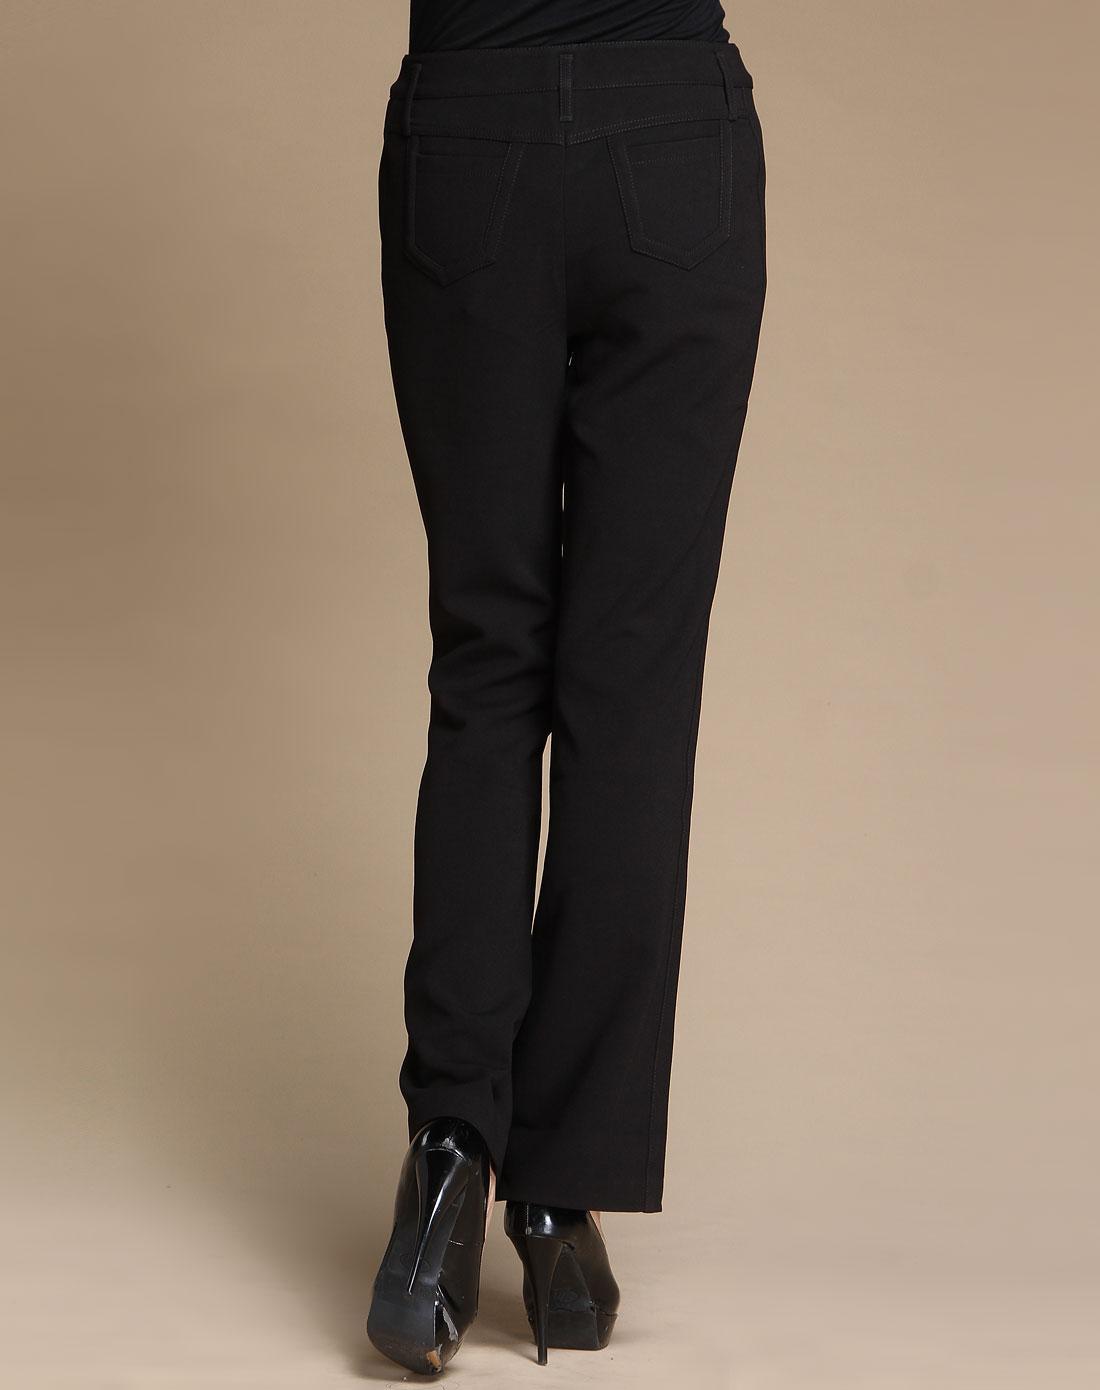 蕾朵liedow黑色休闲长裤8010673211